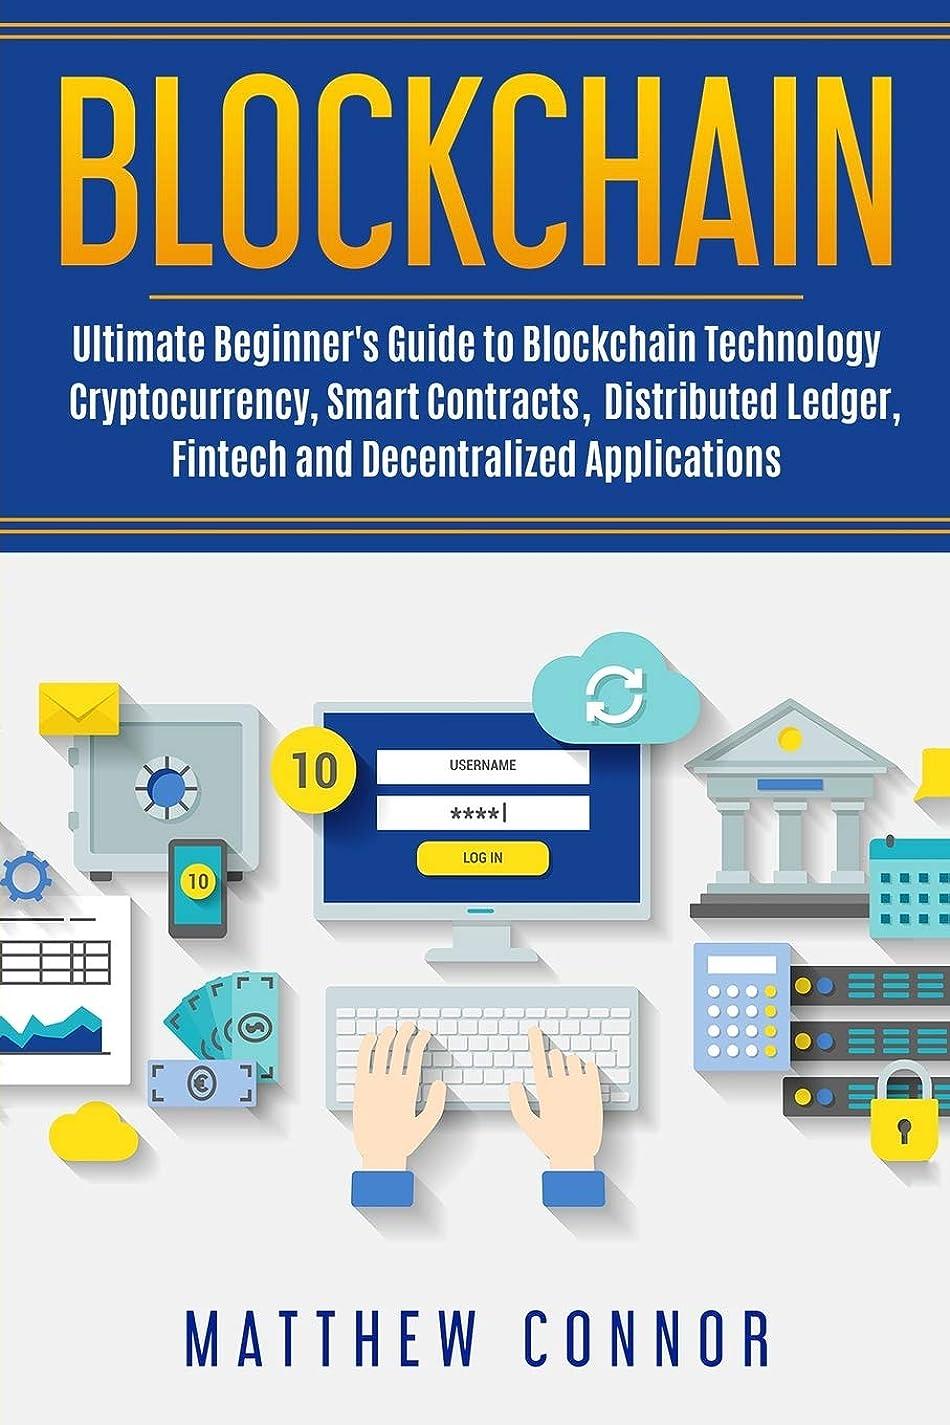 著者詳細な速報Blockchain: Ultimate Beginner's Guide to Blockchain Technology - Cryptocurrency, Smart Contracts, Distributed Ledger, Fintech and Decentralized Applications